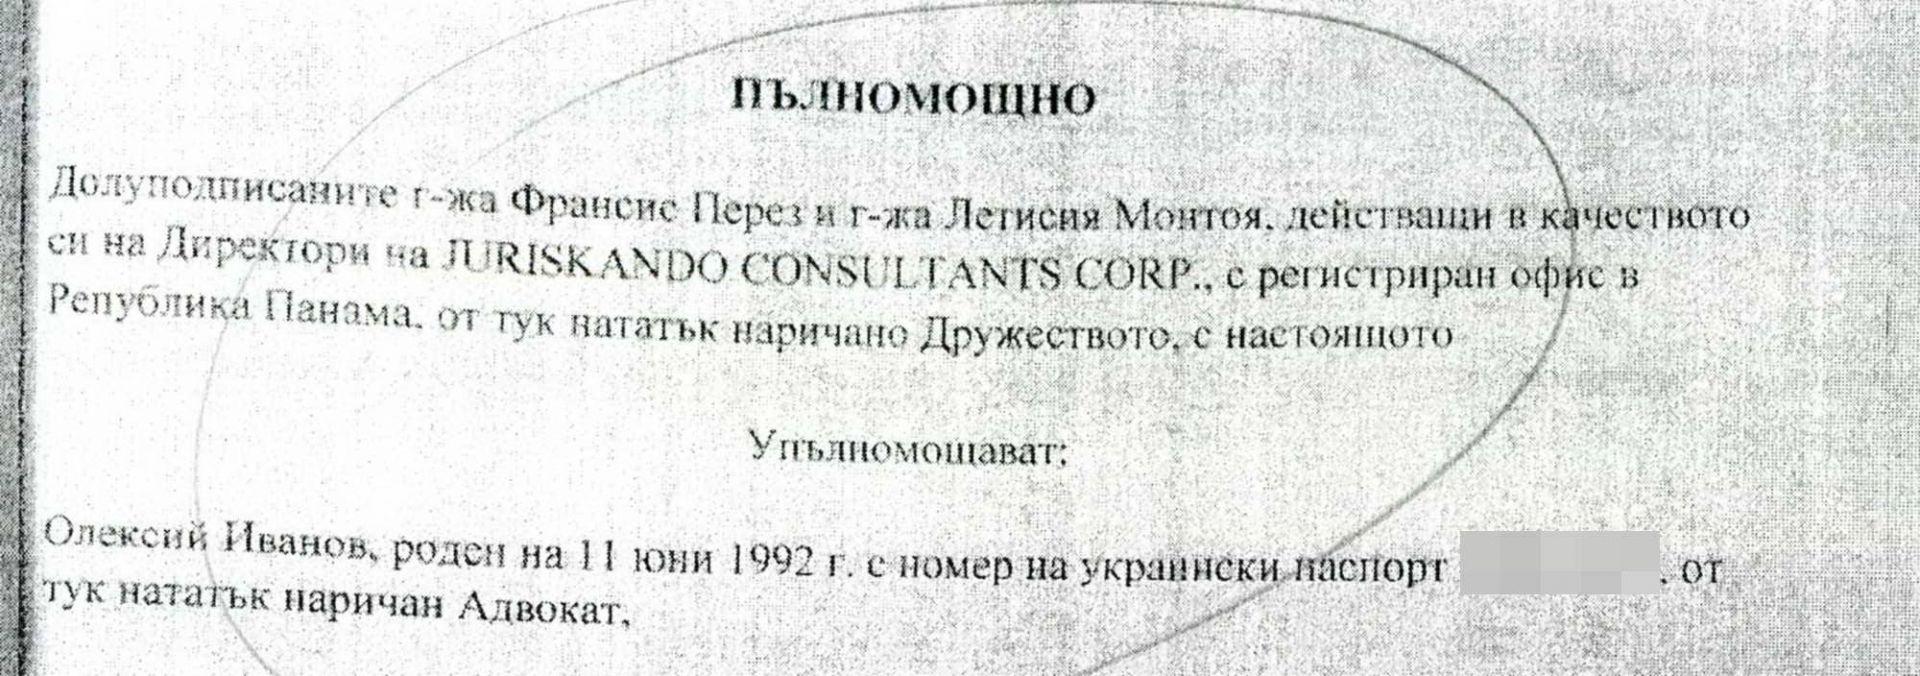 Николай Банев се е съдил сам себе си за 5 млн. лв.!